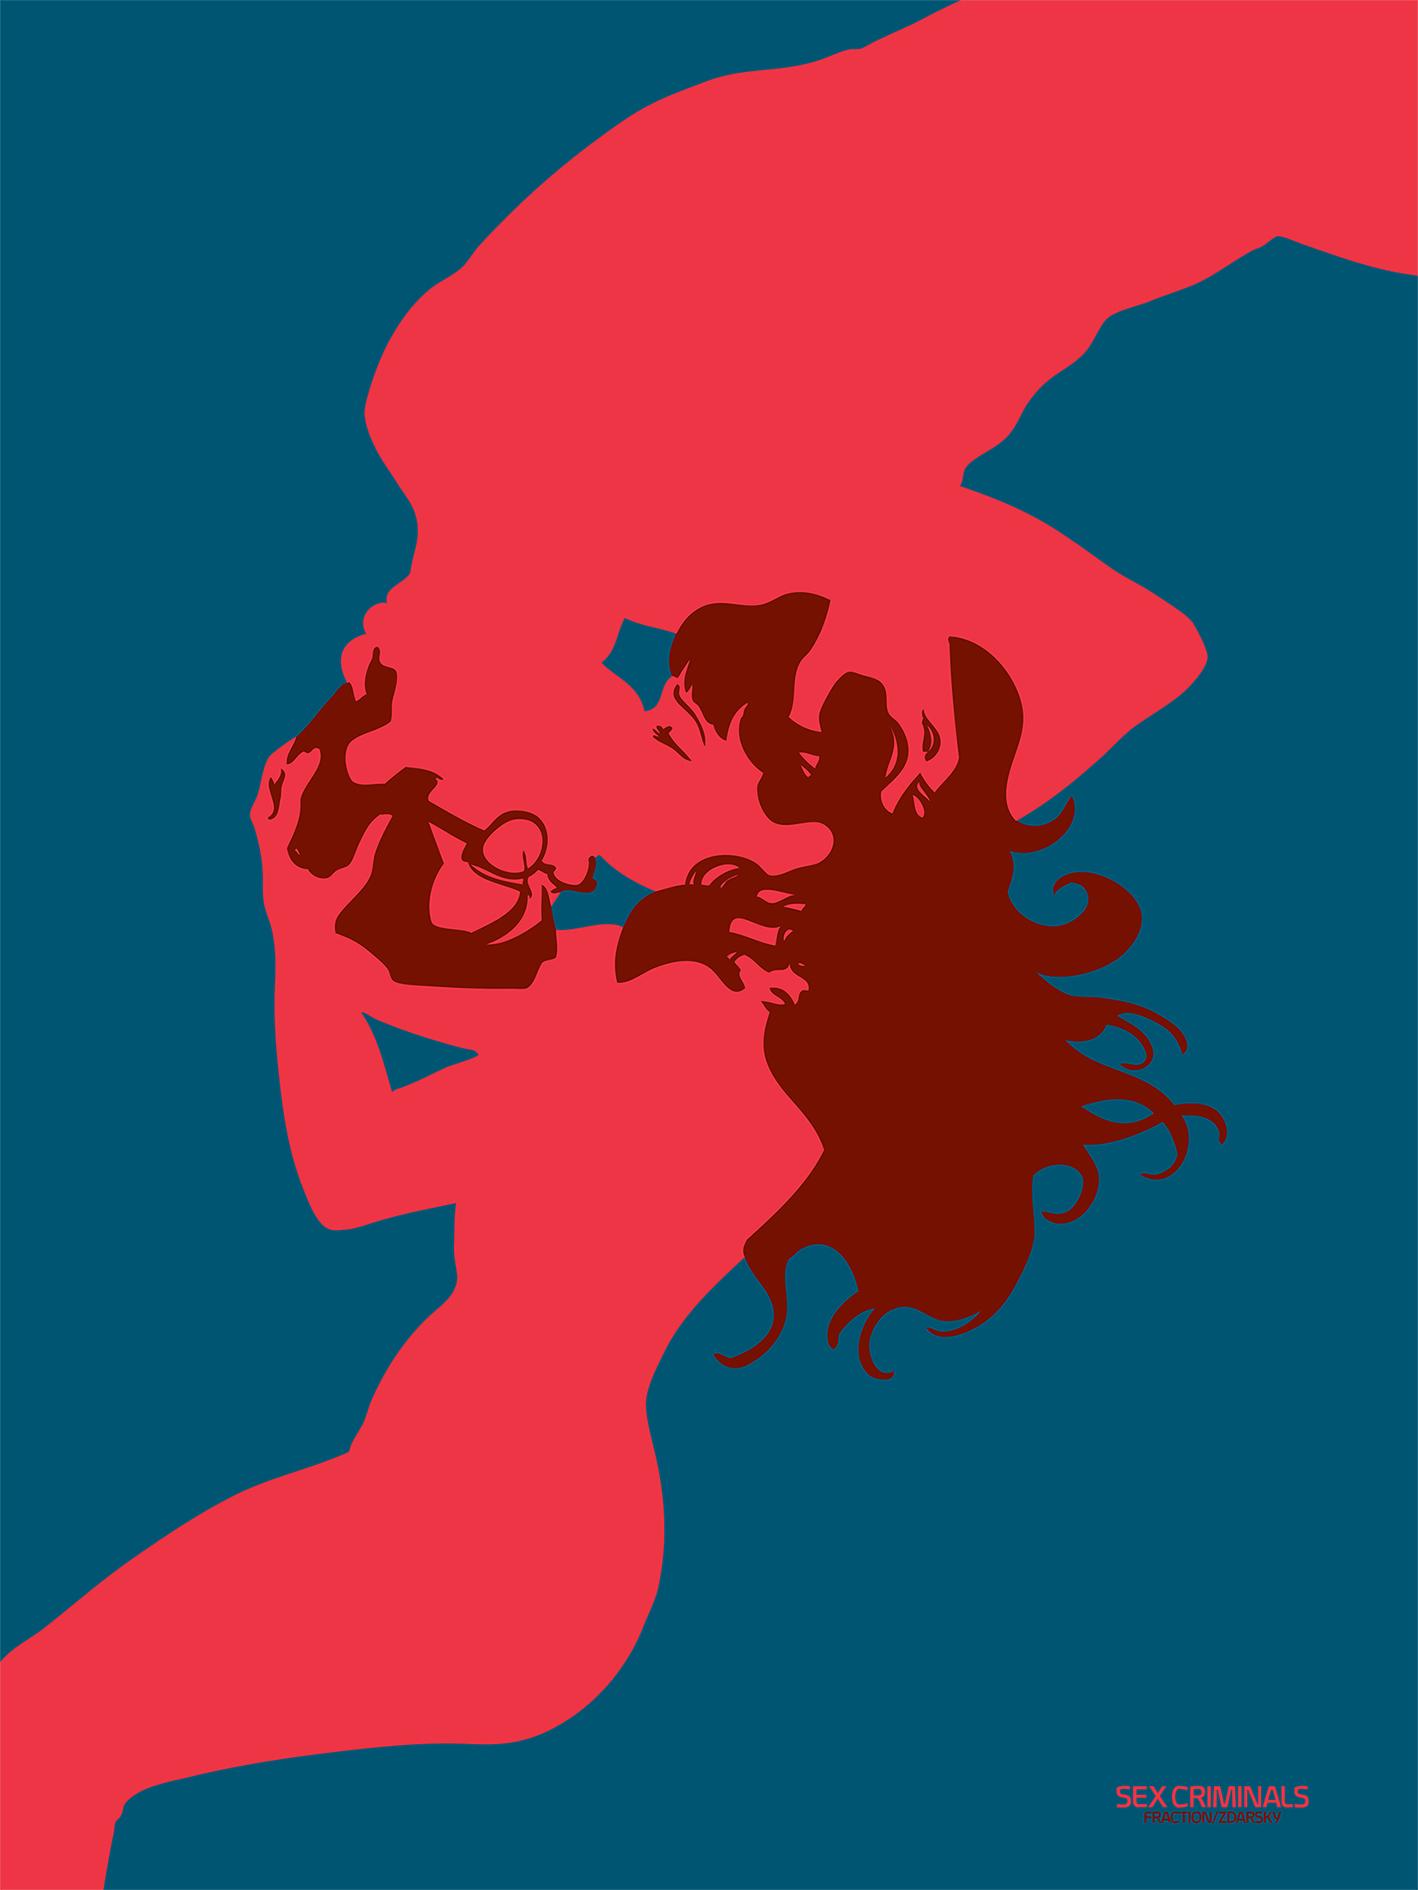 """""""Sex Criminals"""" by Chip Zdarsky.  40 x 60cm 3-color Screenprint.  Ed of 100 S/N.  €35 ($38)"""